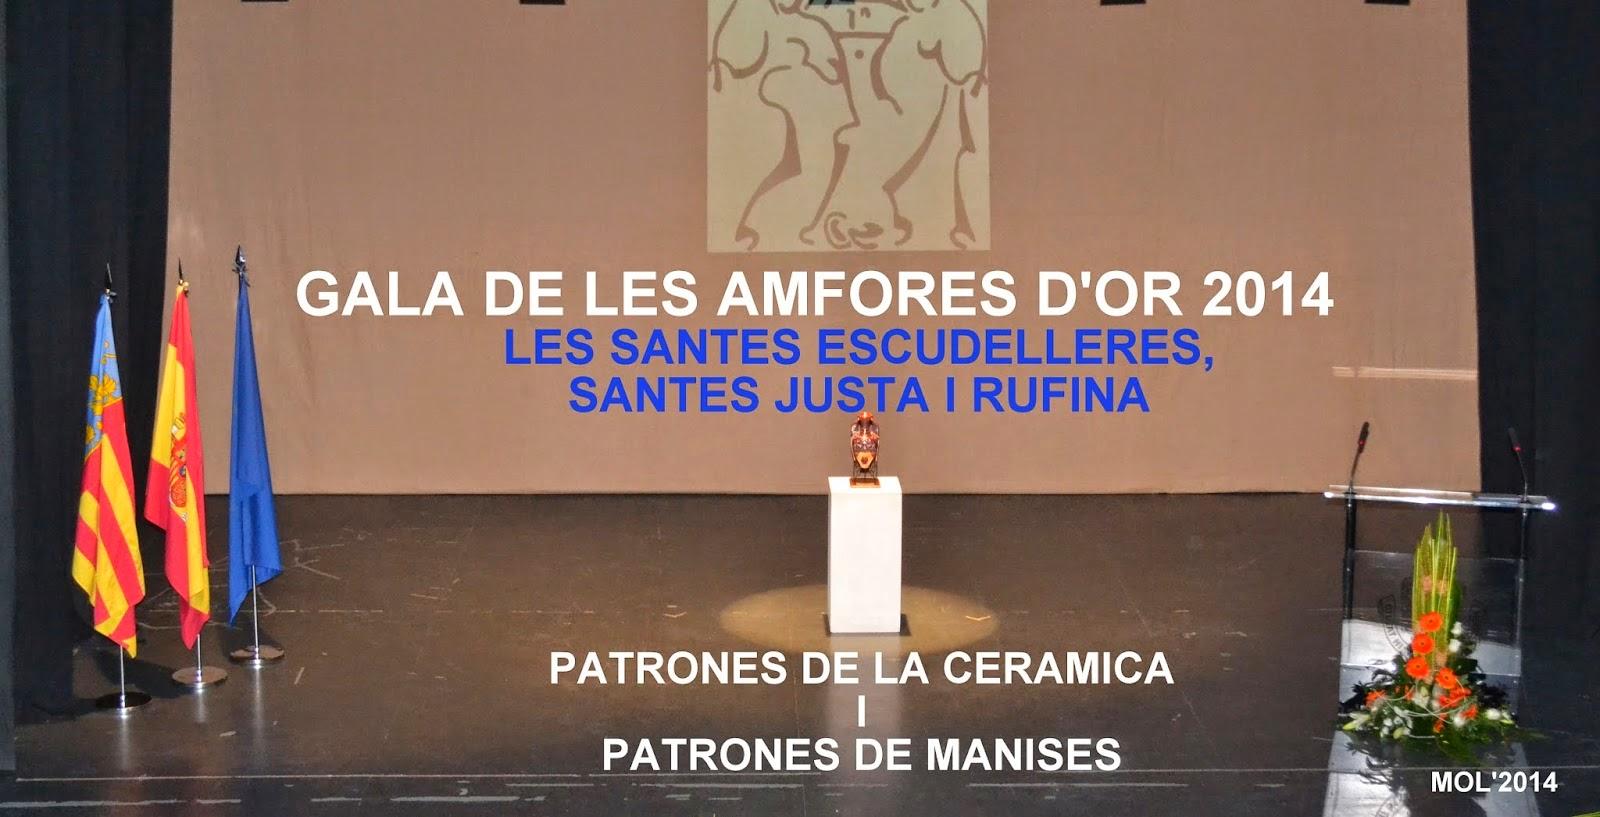 GALA DE L'AMFORA D'OR 2014, AUDITORIO GERMANÍAS, 15 DE JULIO.